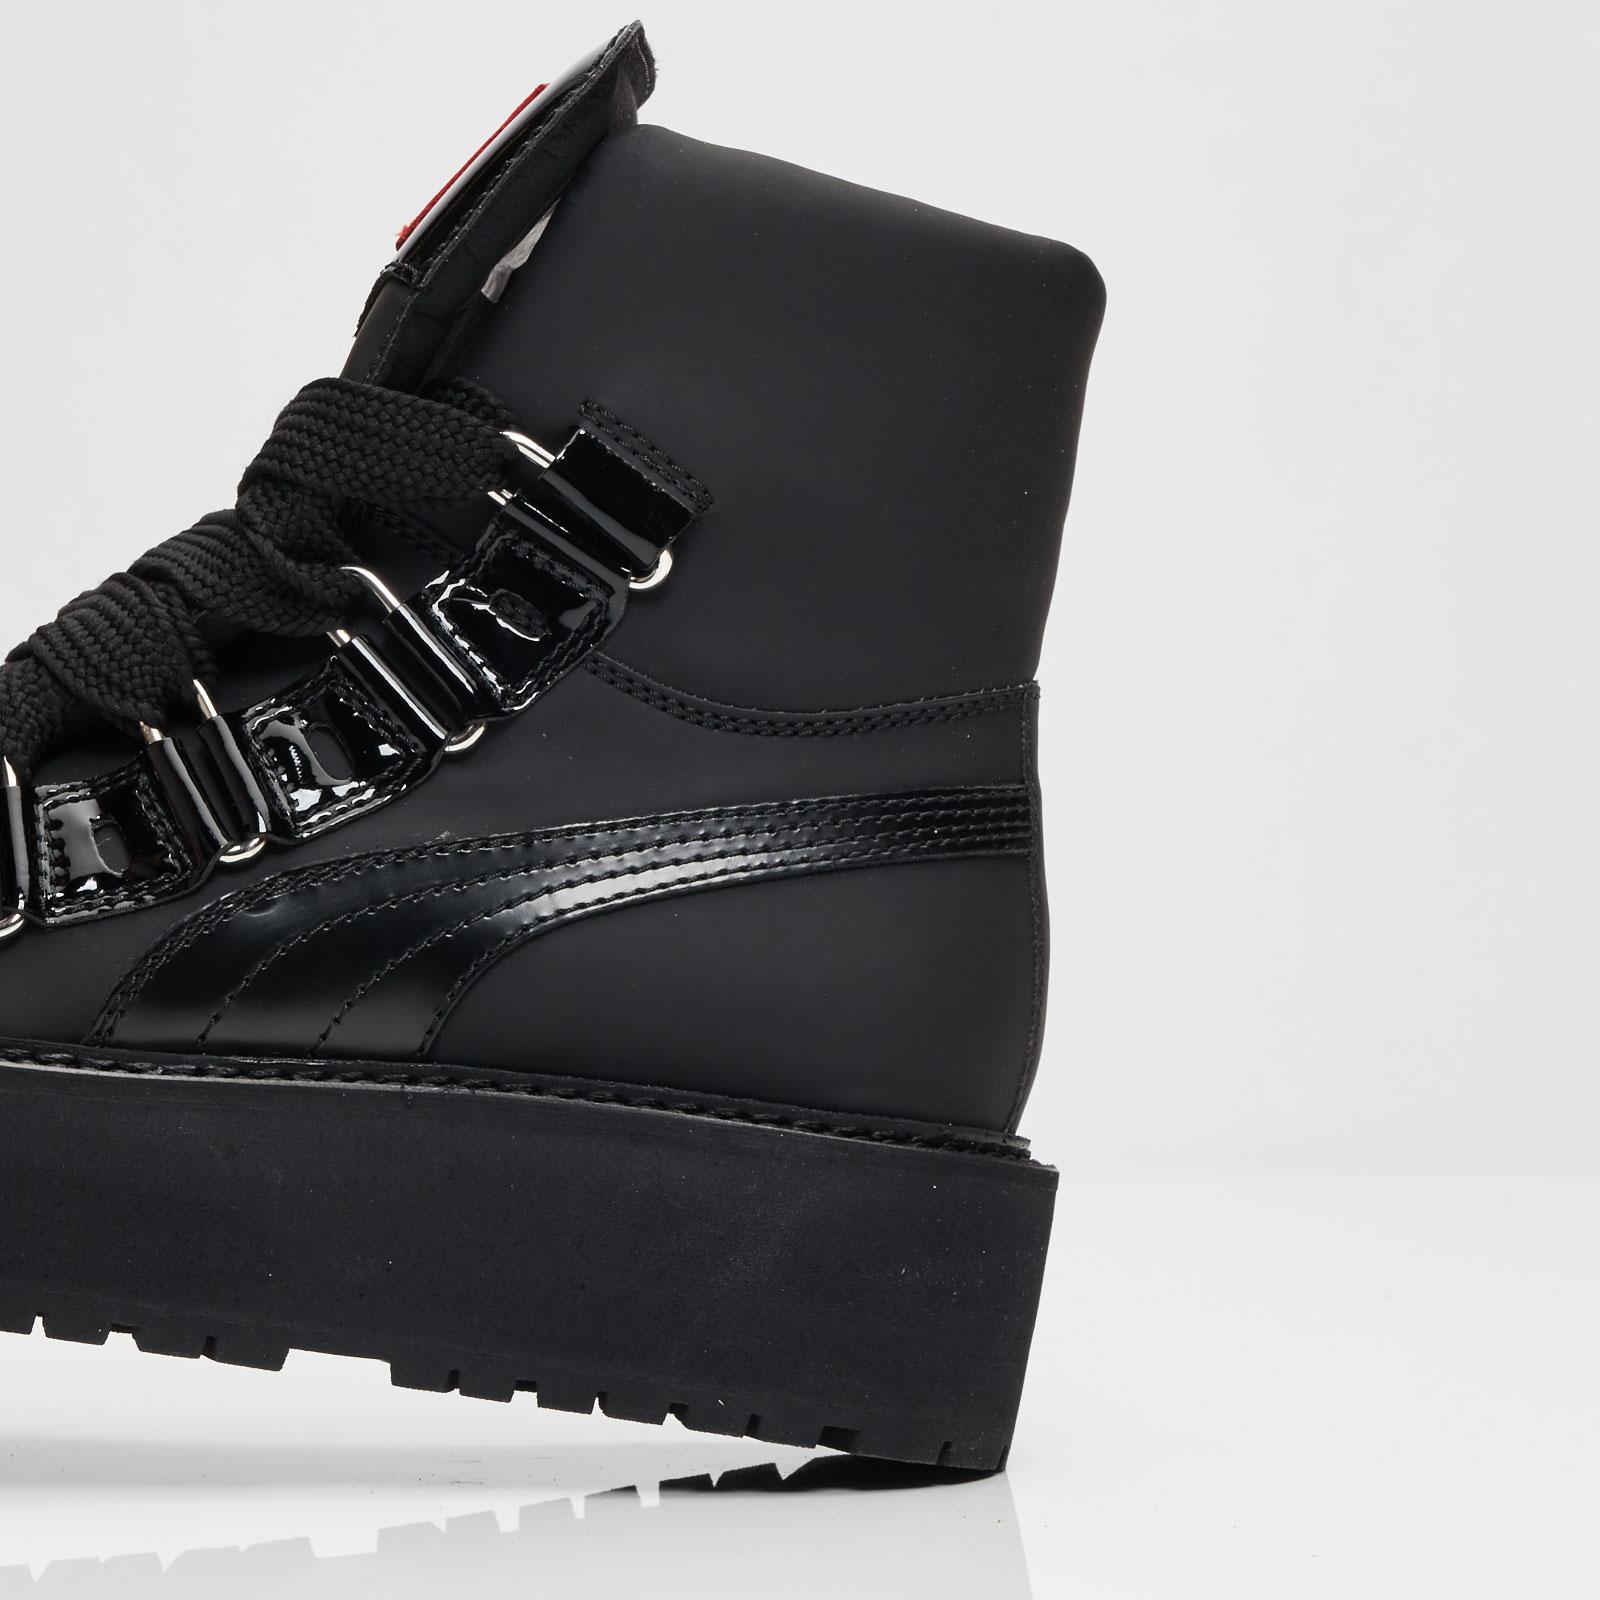 Puma Sneakers Boot 363040 01 Sneakersnstuff | sneakers